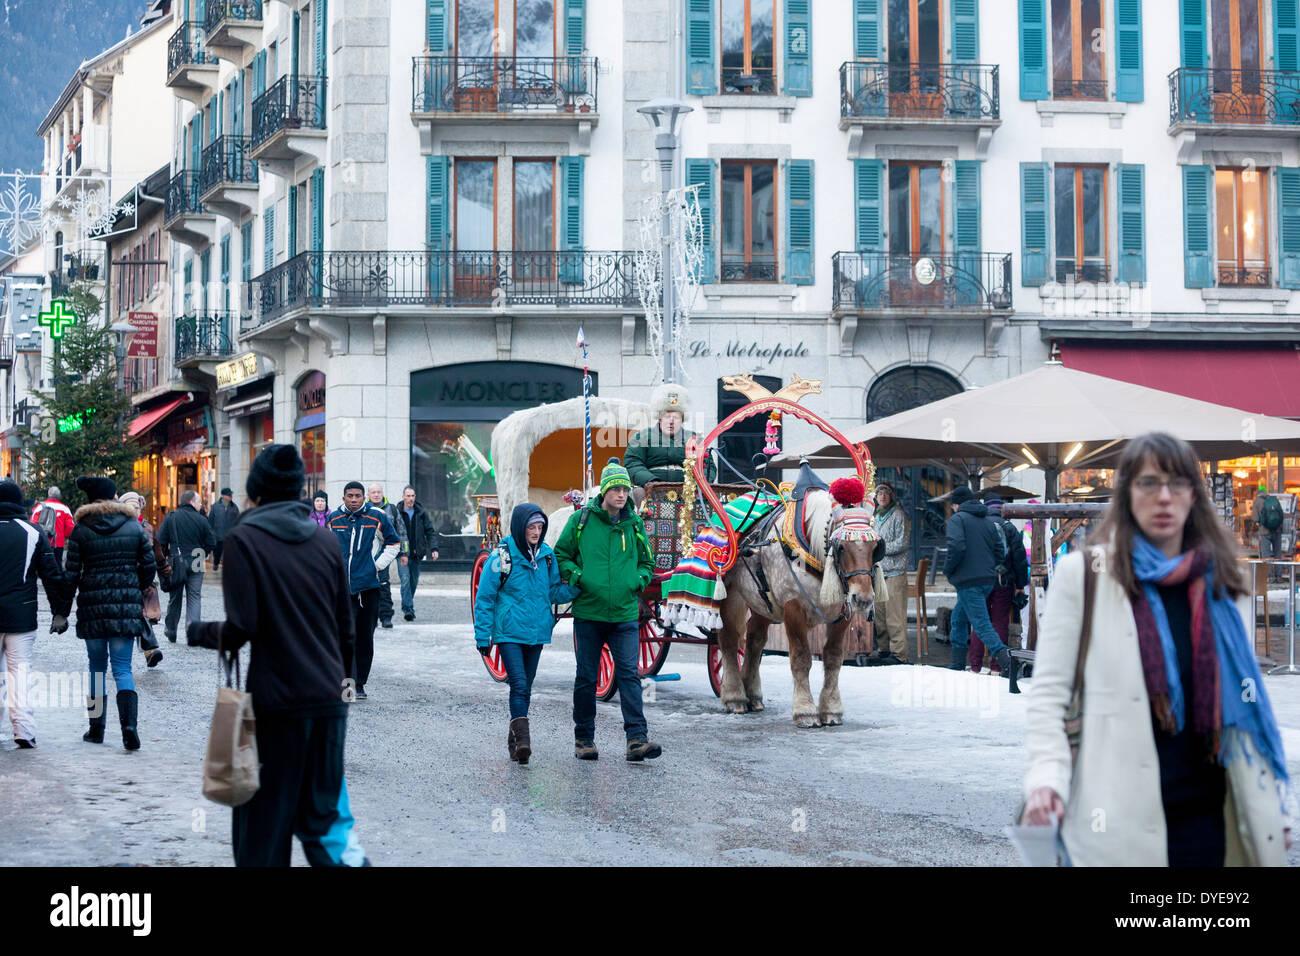 Les piétons passent devant un cheval dessiné buggy recouvert de fourrure sur la rue du Docteur Paccard dans le village de Chamonix Mont-Blanc. Photo Stock